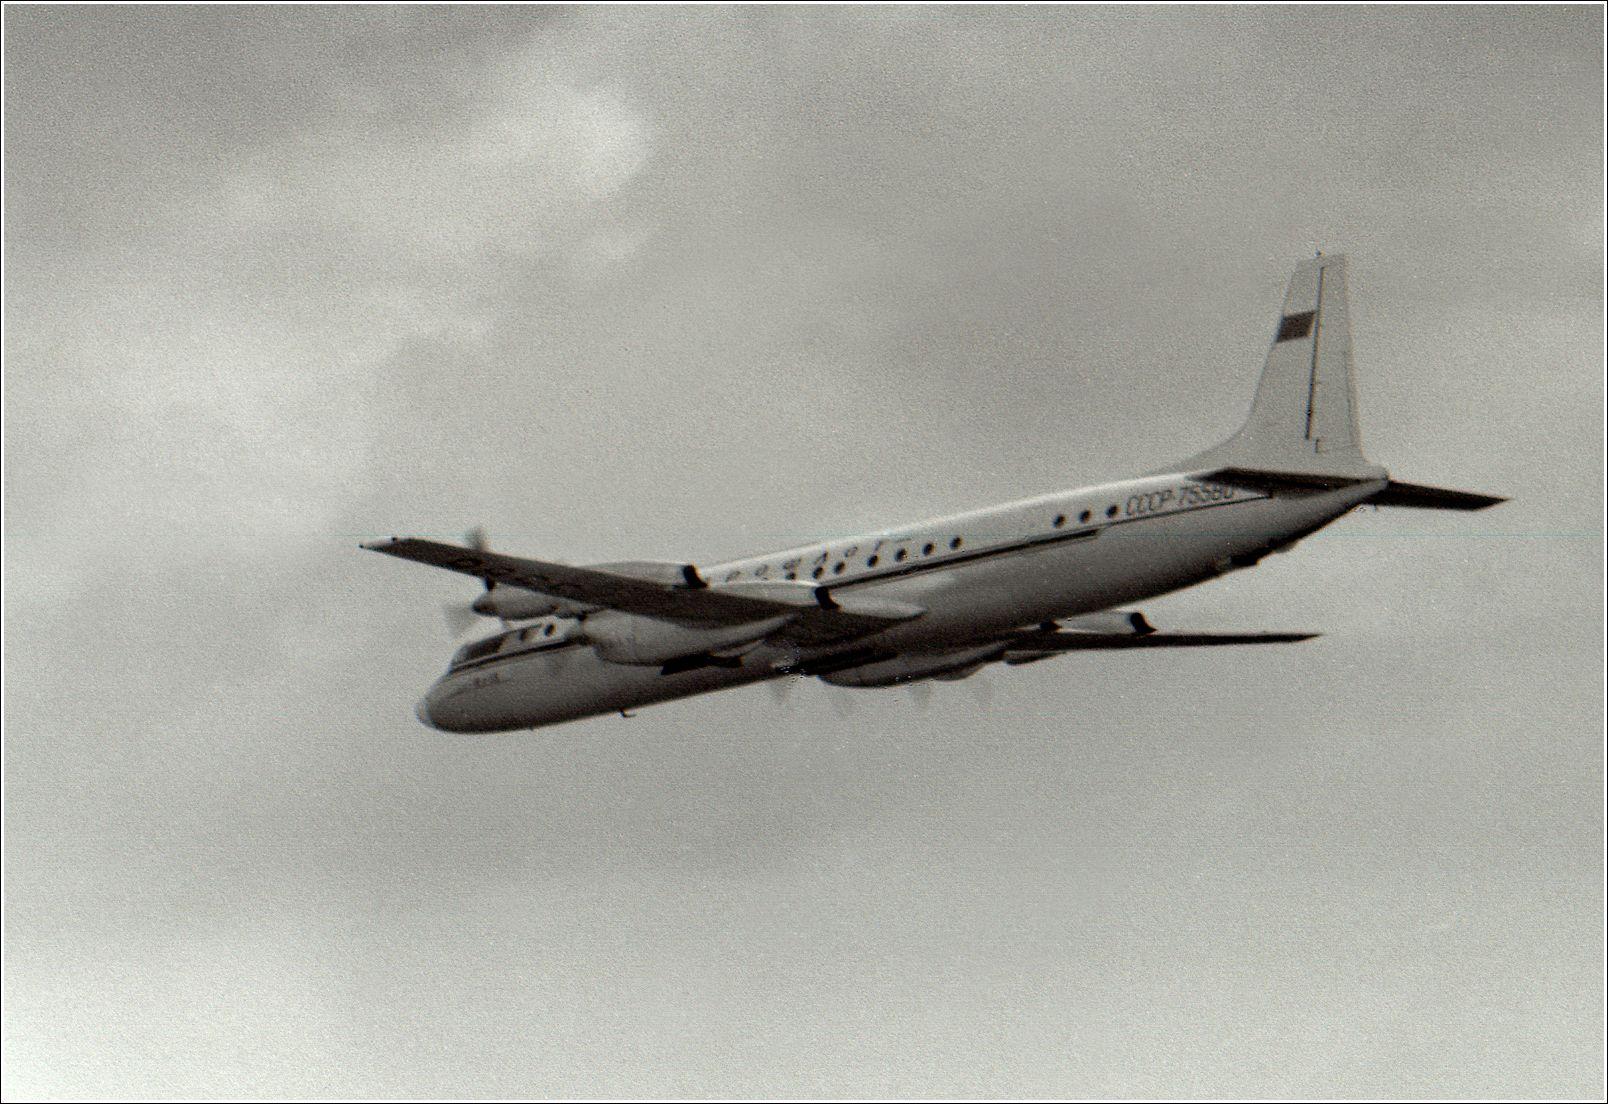 Ил-18 (1967 г.) Ил-18Д авиация самолет полёт Домодедово 1967